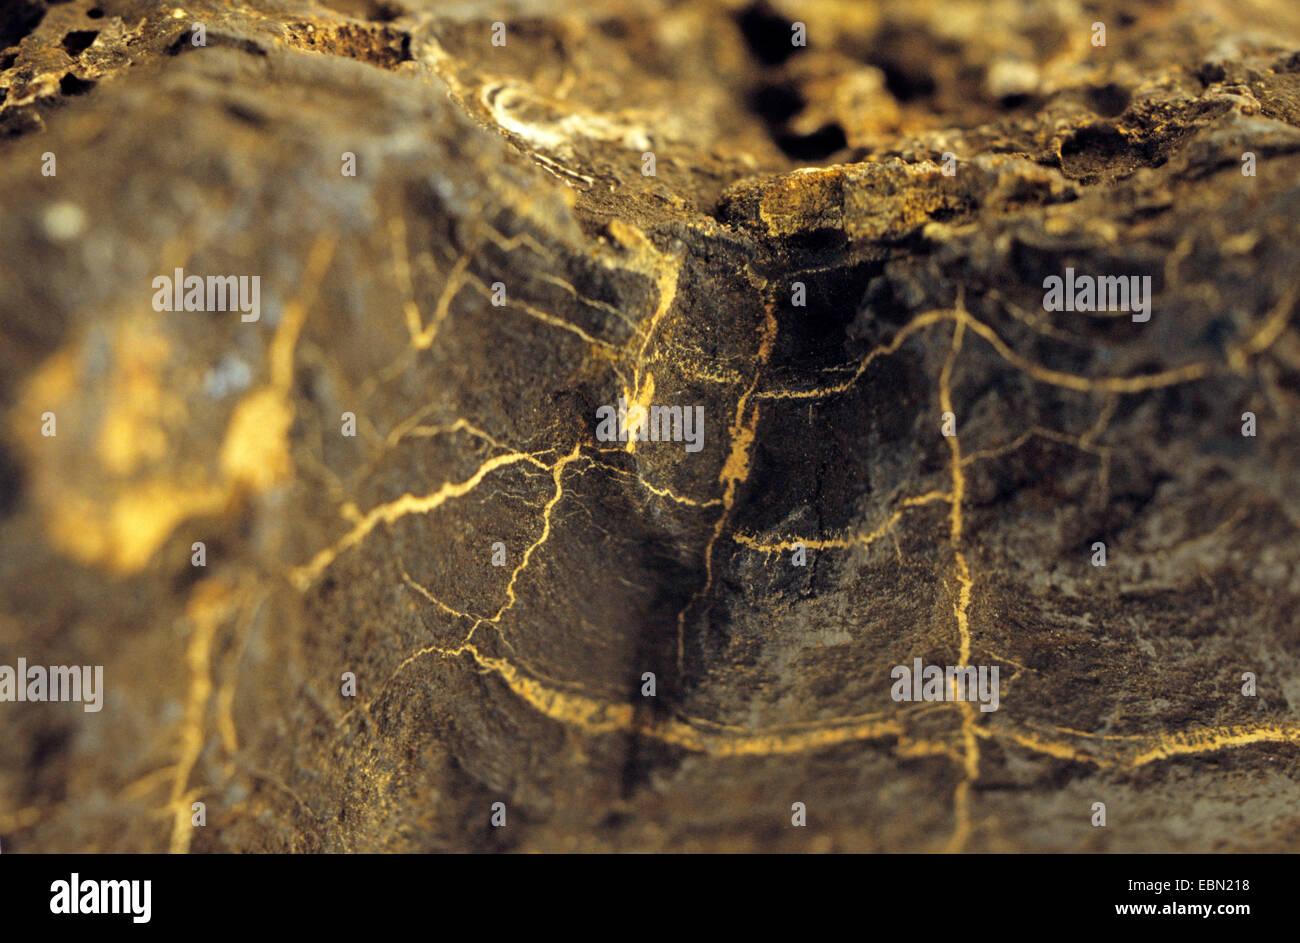 manganese crest - Stock Image